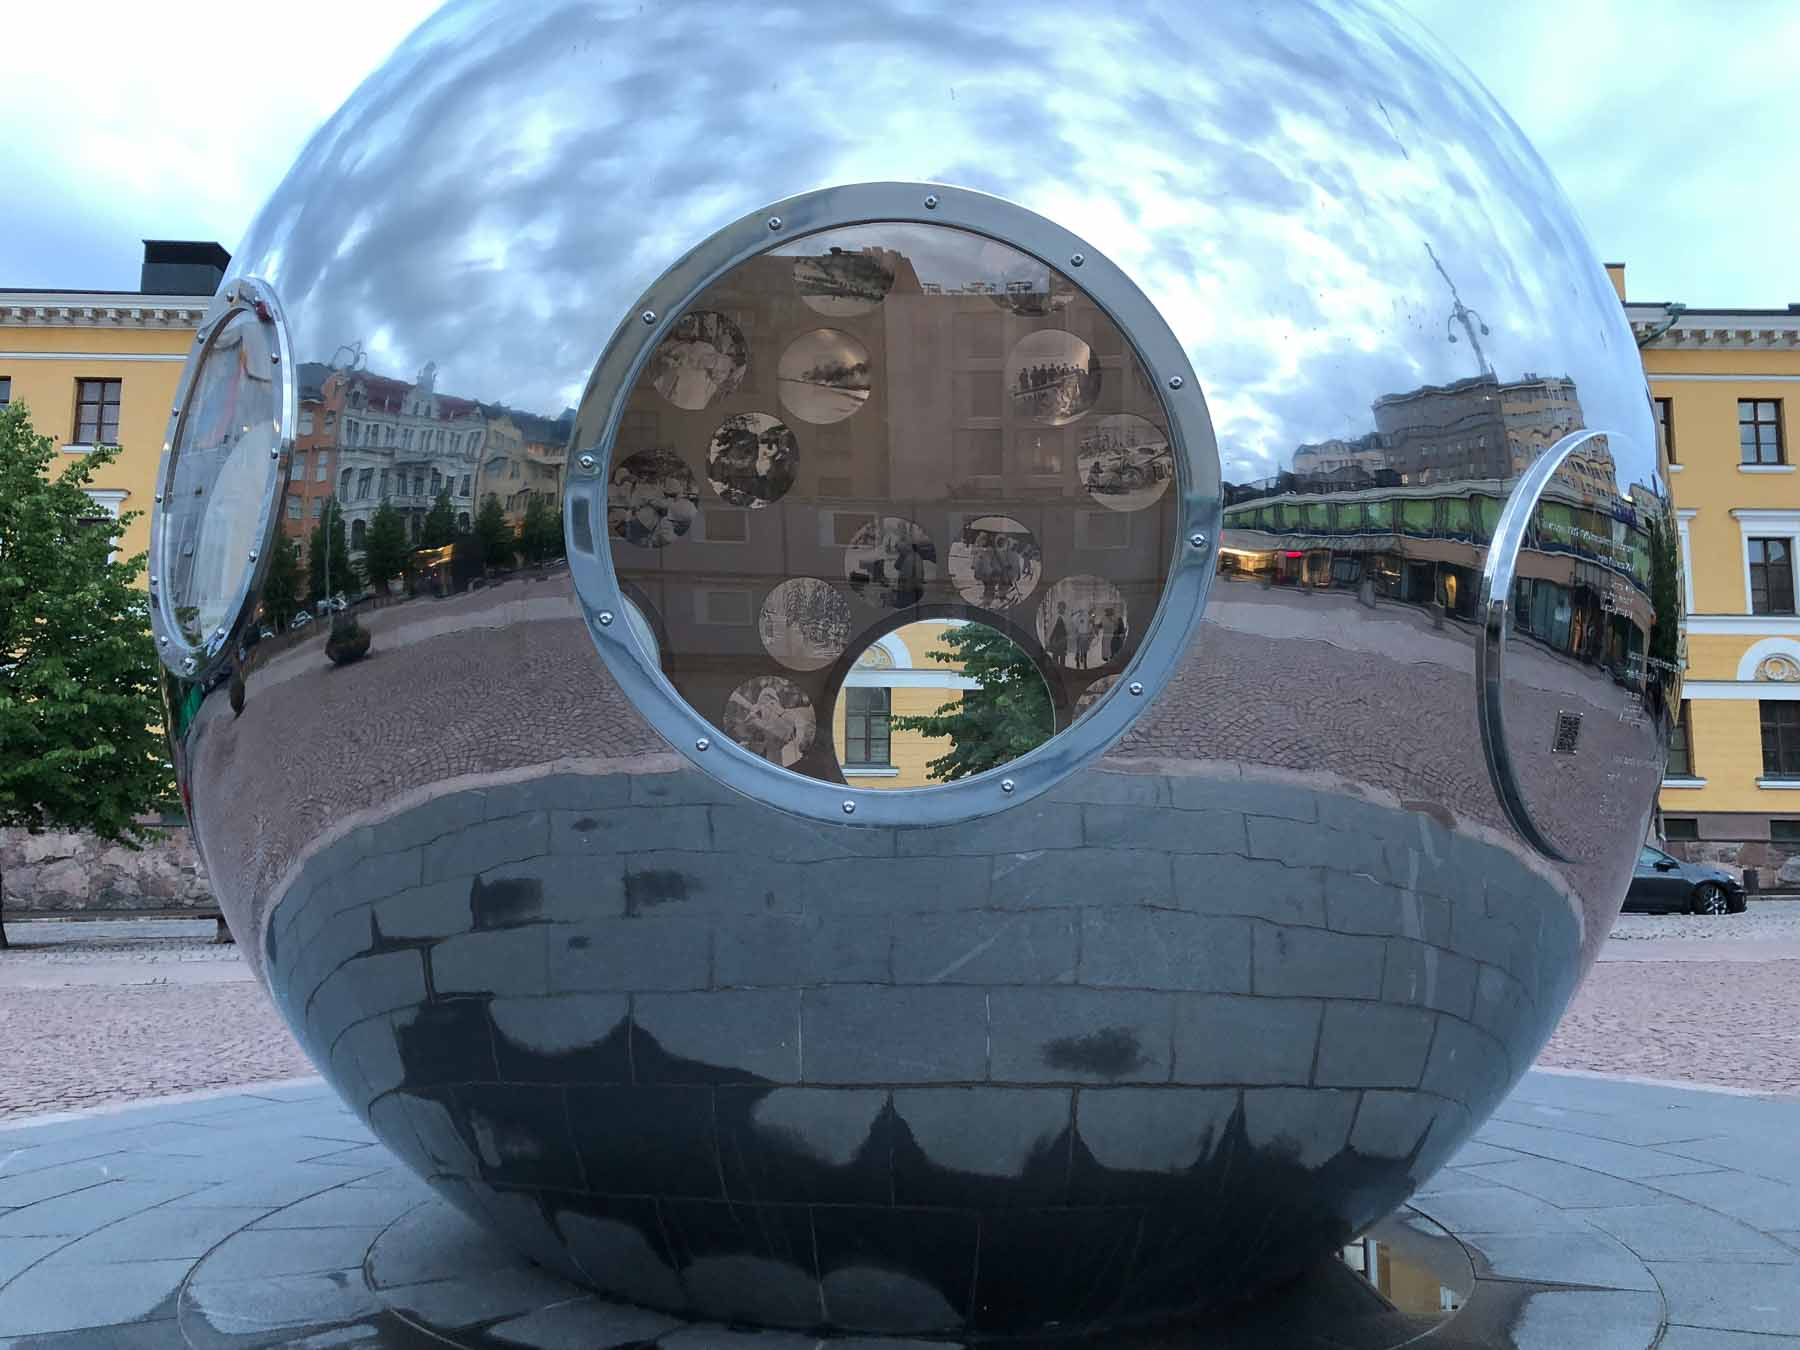 Blick in die Kugel: Modern Art in der Stadt